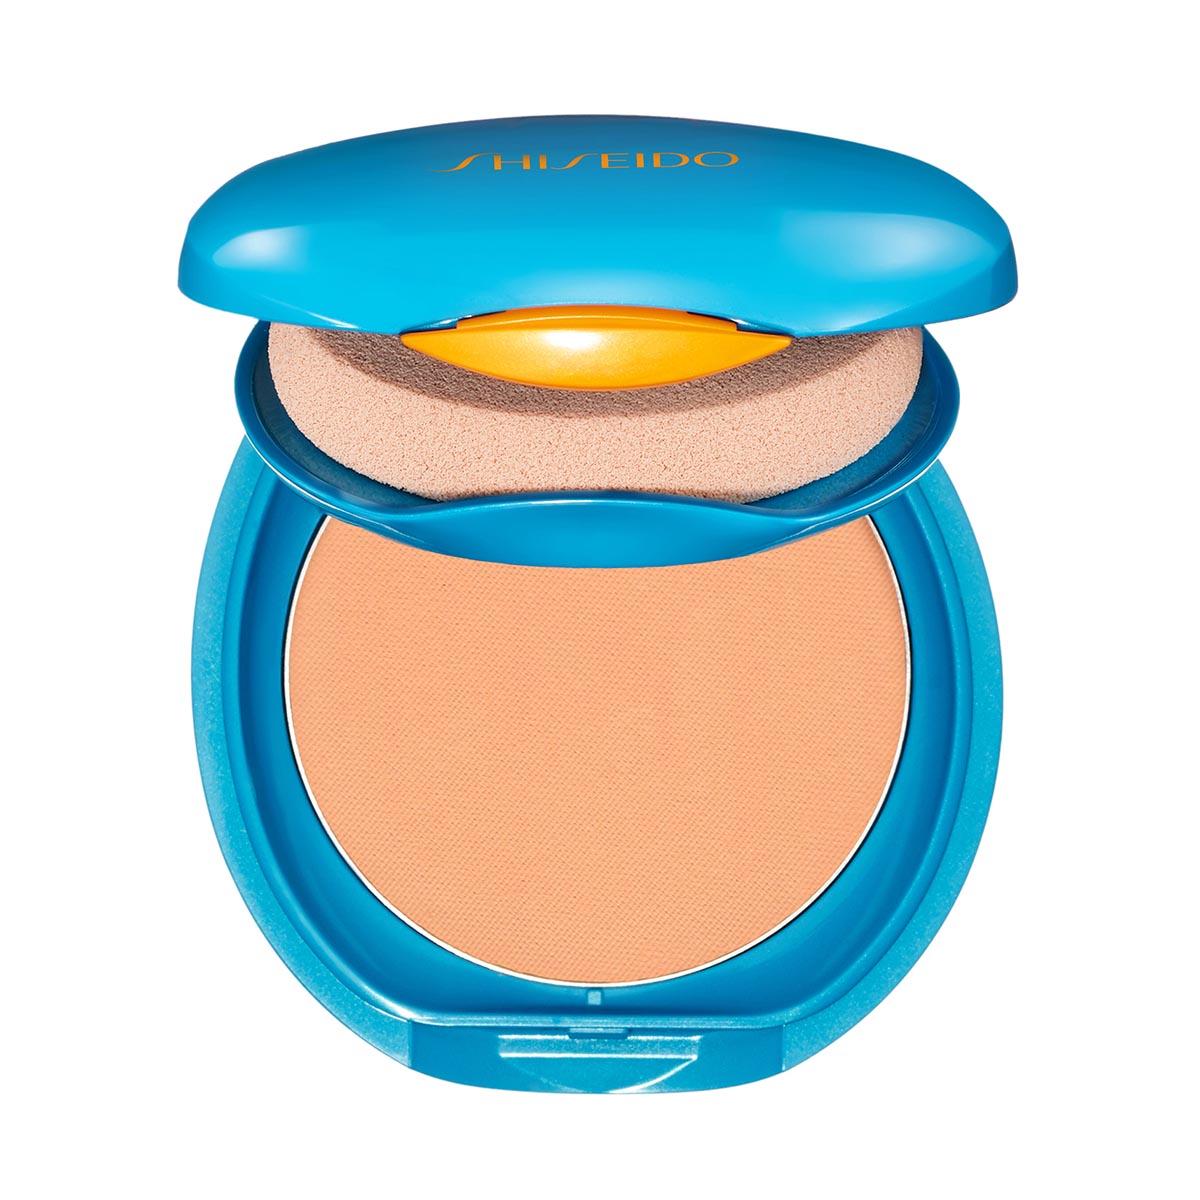 Shiseido suncare compact di spf30